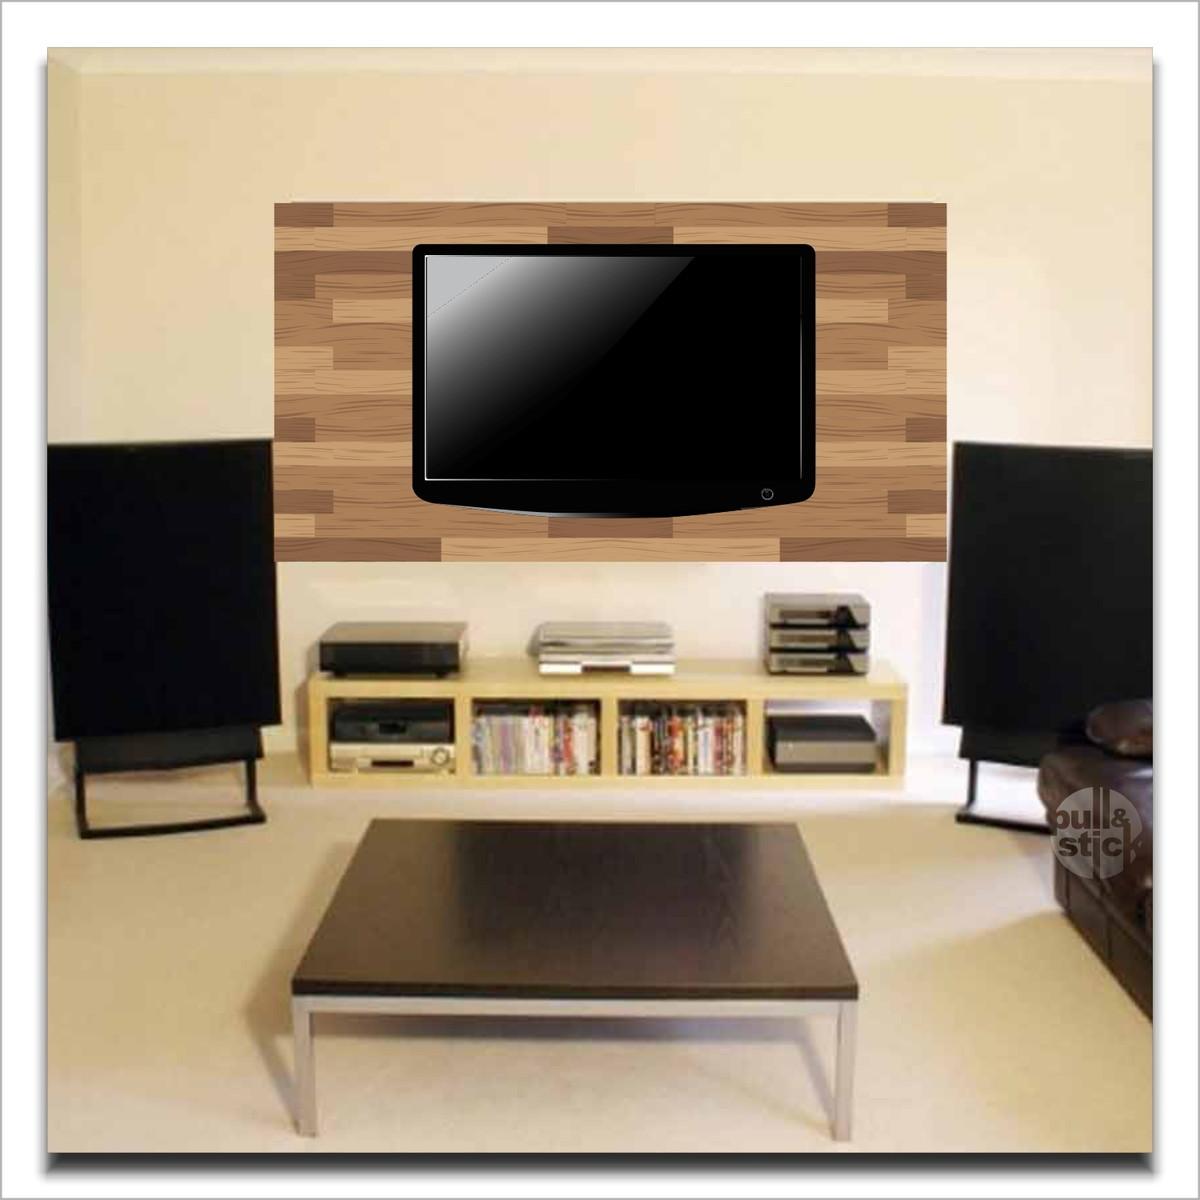 Painel Para Tv No Elo7 Pullstick Adesivos E Papelaria  -> Foto Painel Para Tv